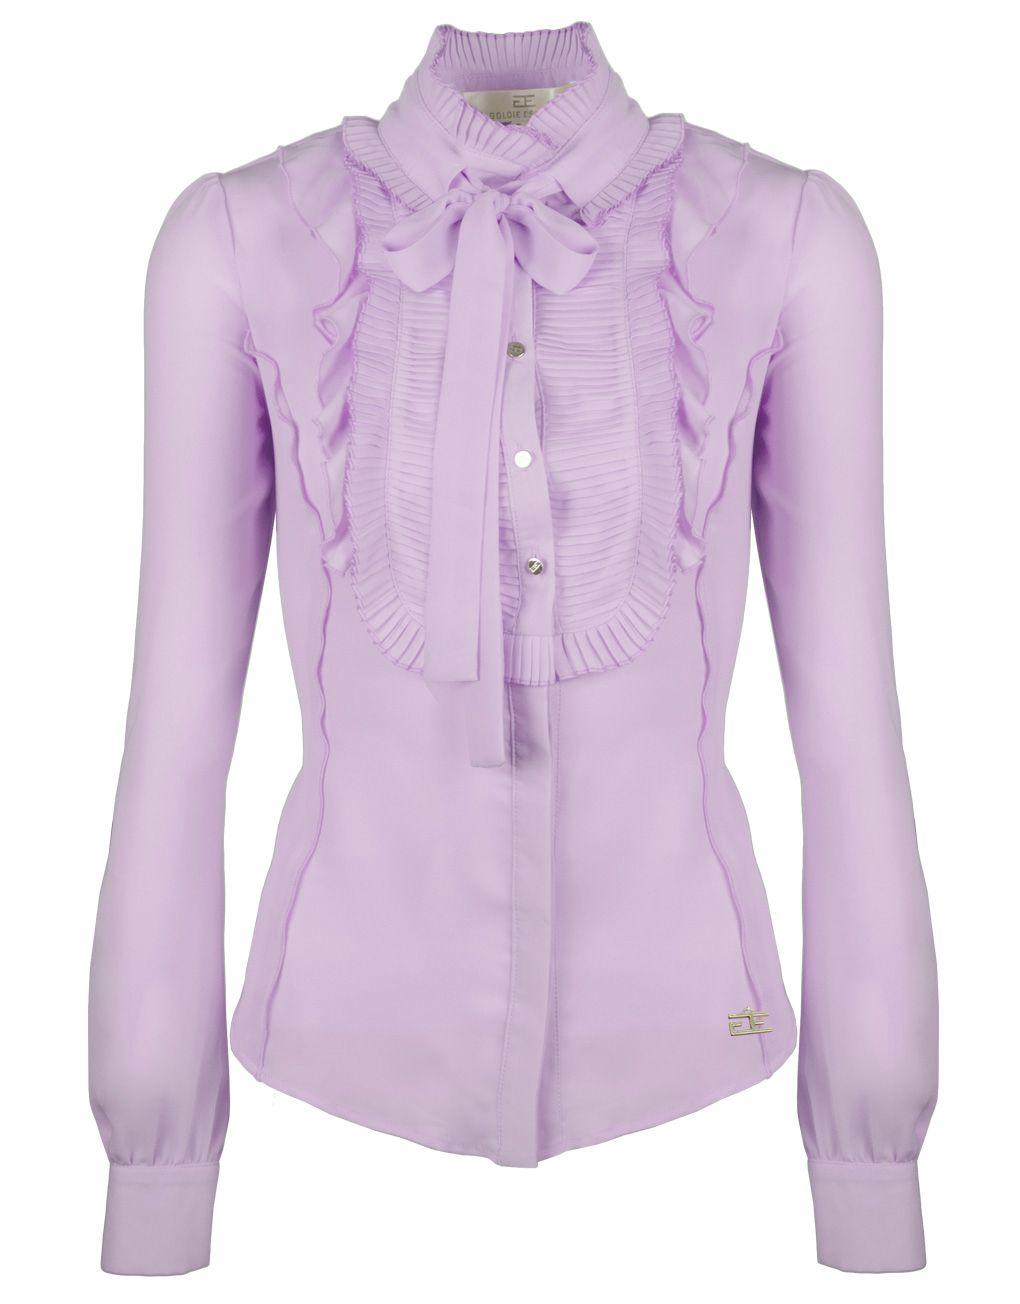 Blouse Of Overhemd.Goldie Estelle Dames Satijnen Zijden Blouse Overhemd Getailleerd Met